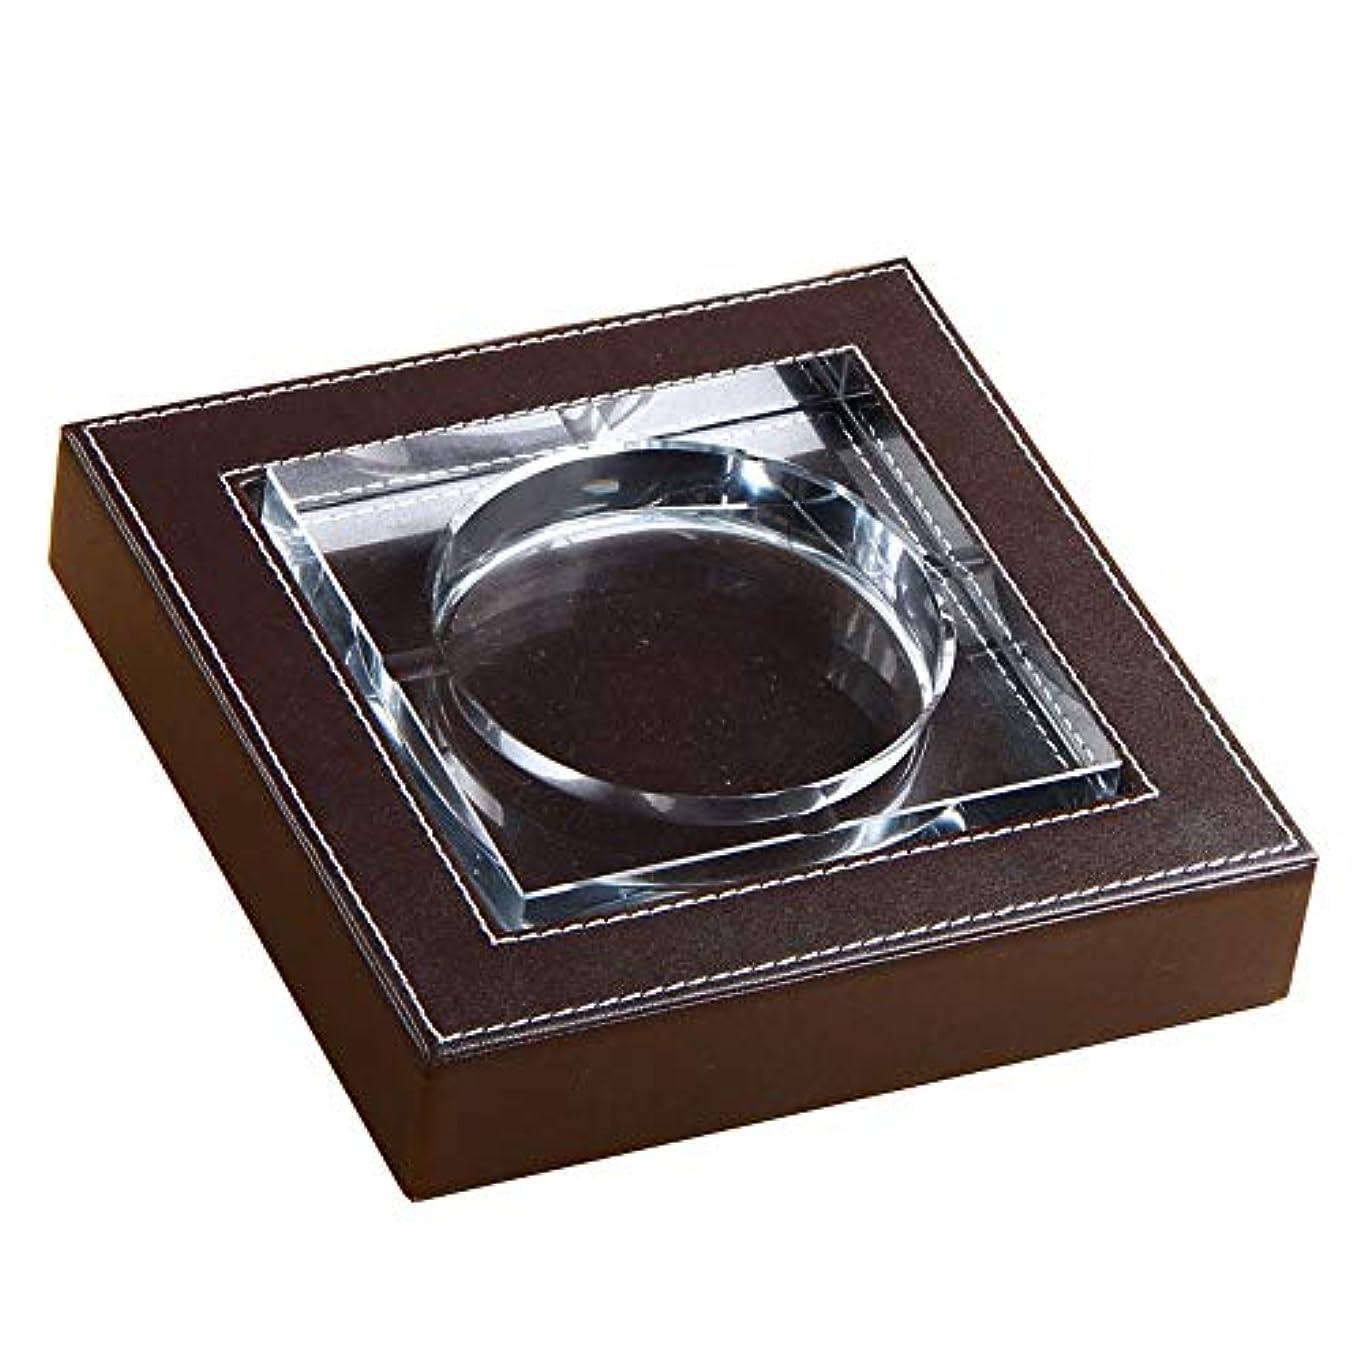 何十人も線形羊飼い屋内でクリスタル屋外喫煙者のための灰皿灰皿ホルダー、ホームオフィスの装飾のためのデスクトップの喫煙灰皿 (Size : S)